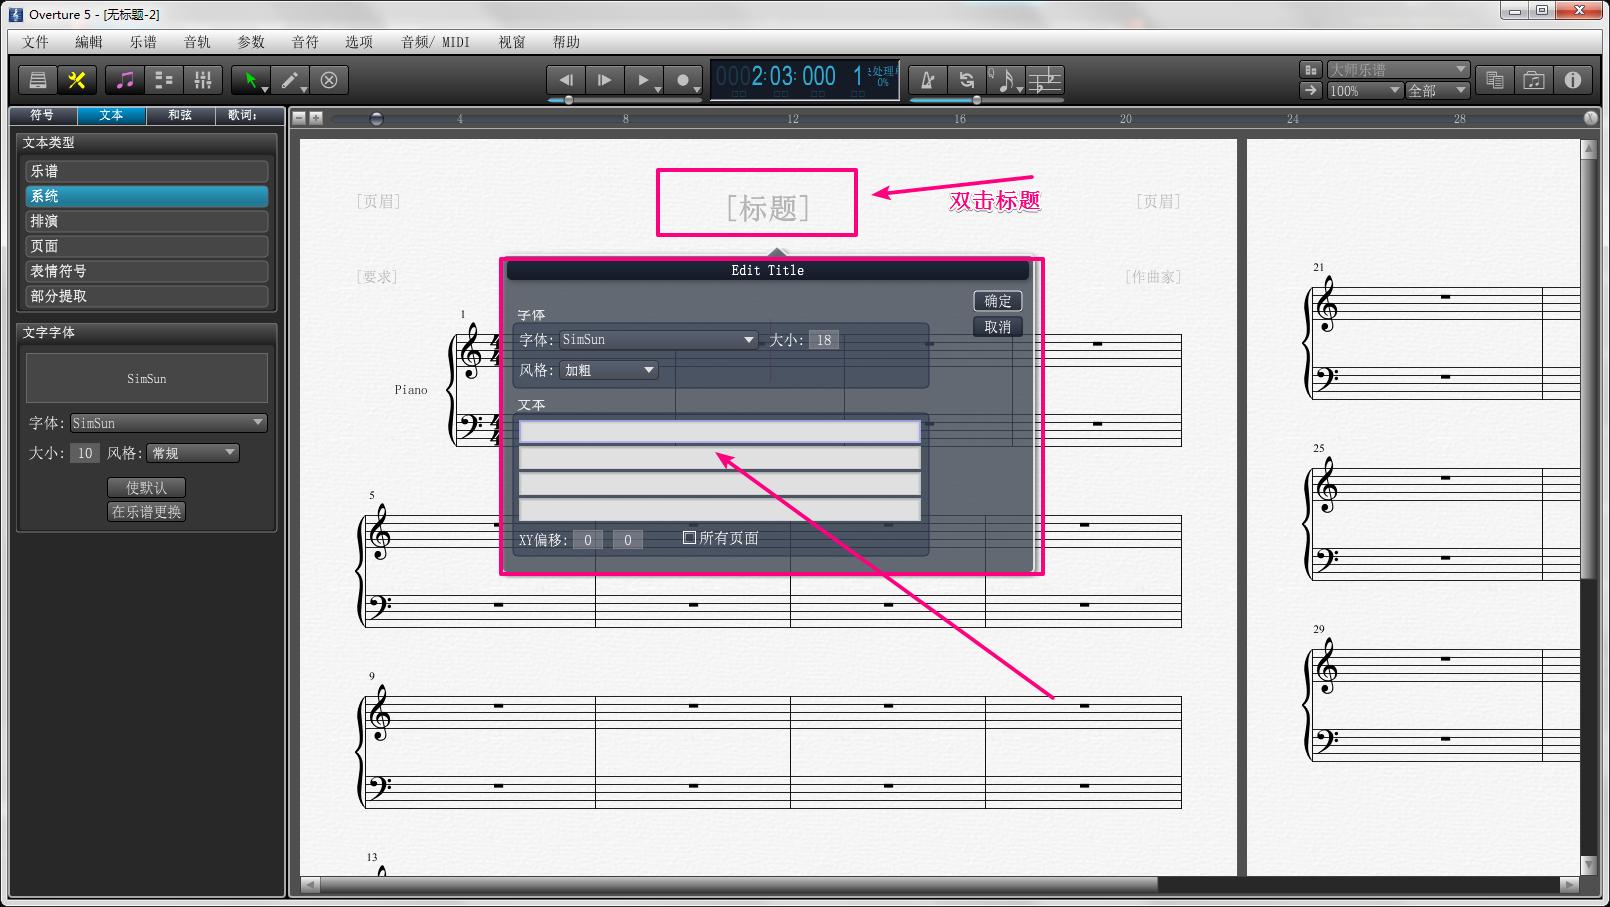 乐谱软件Overture界面填写谱表信息